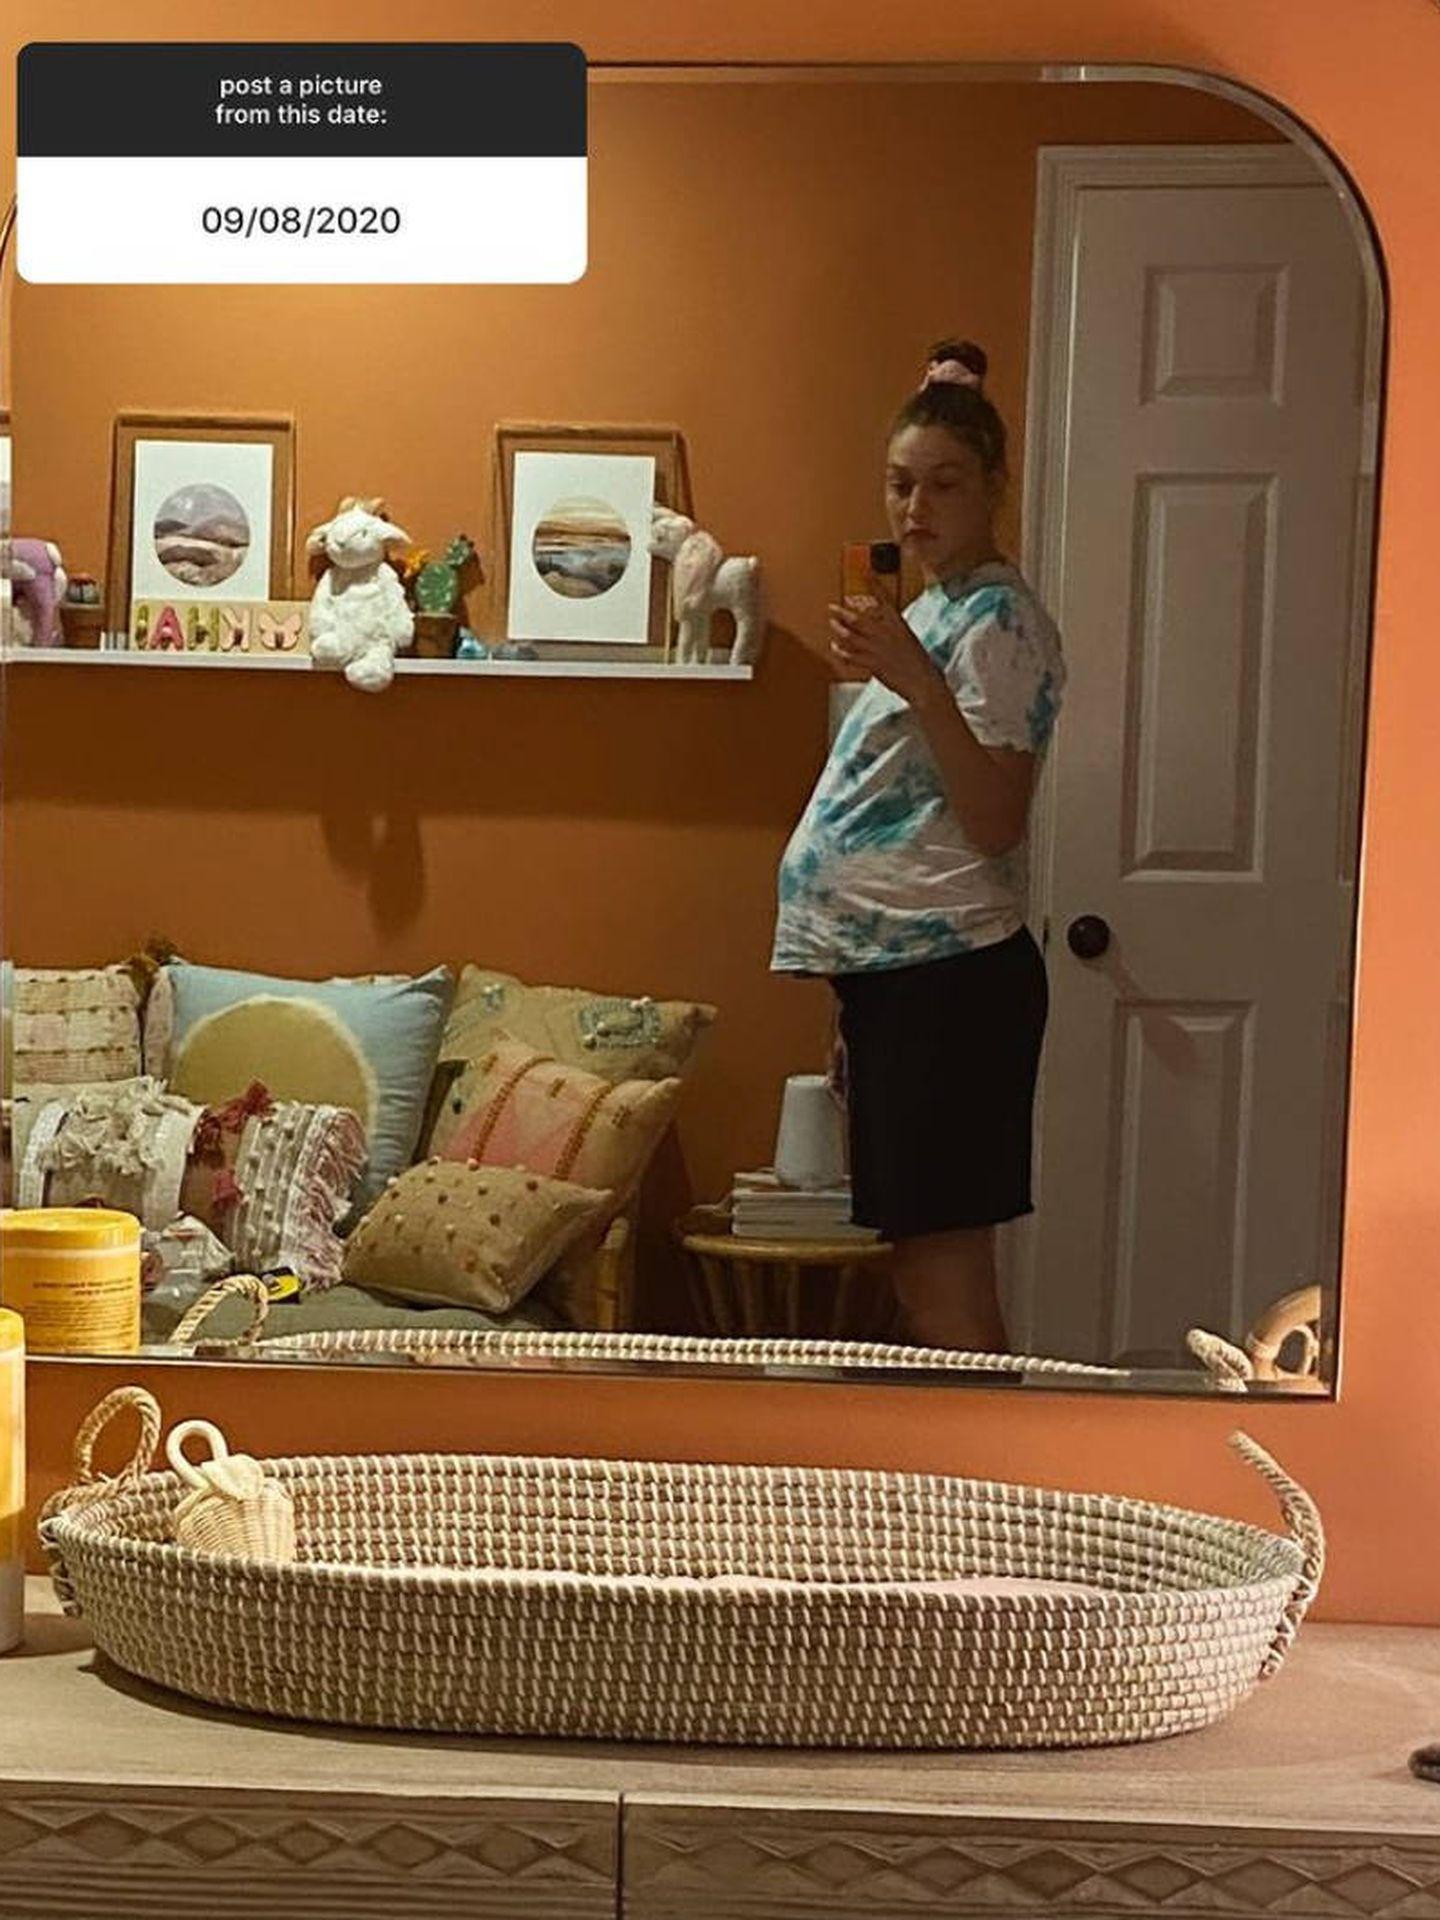 La habitación del bebé de Gigi. (IG @gigihadid)